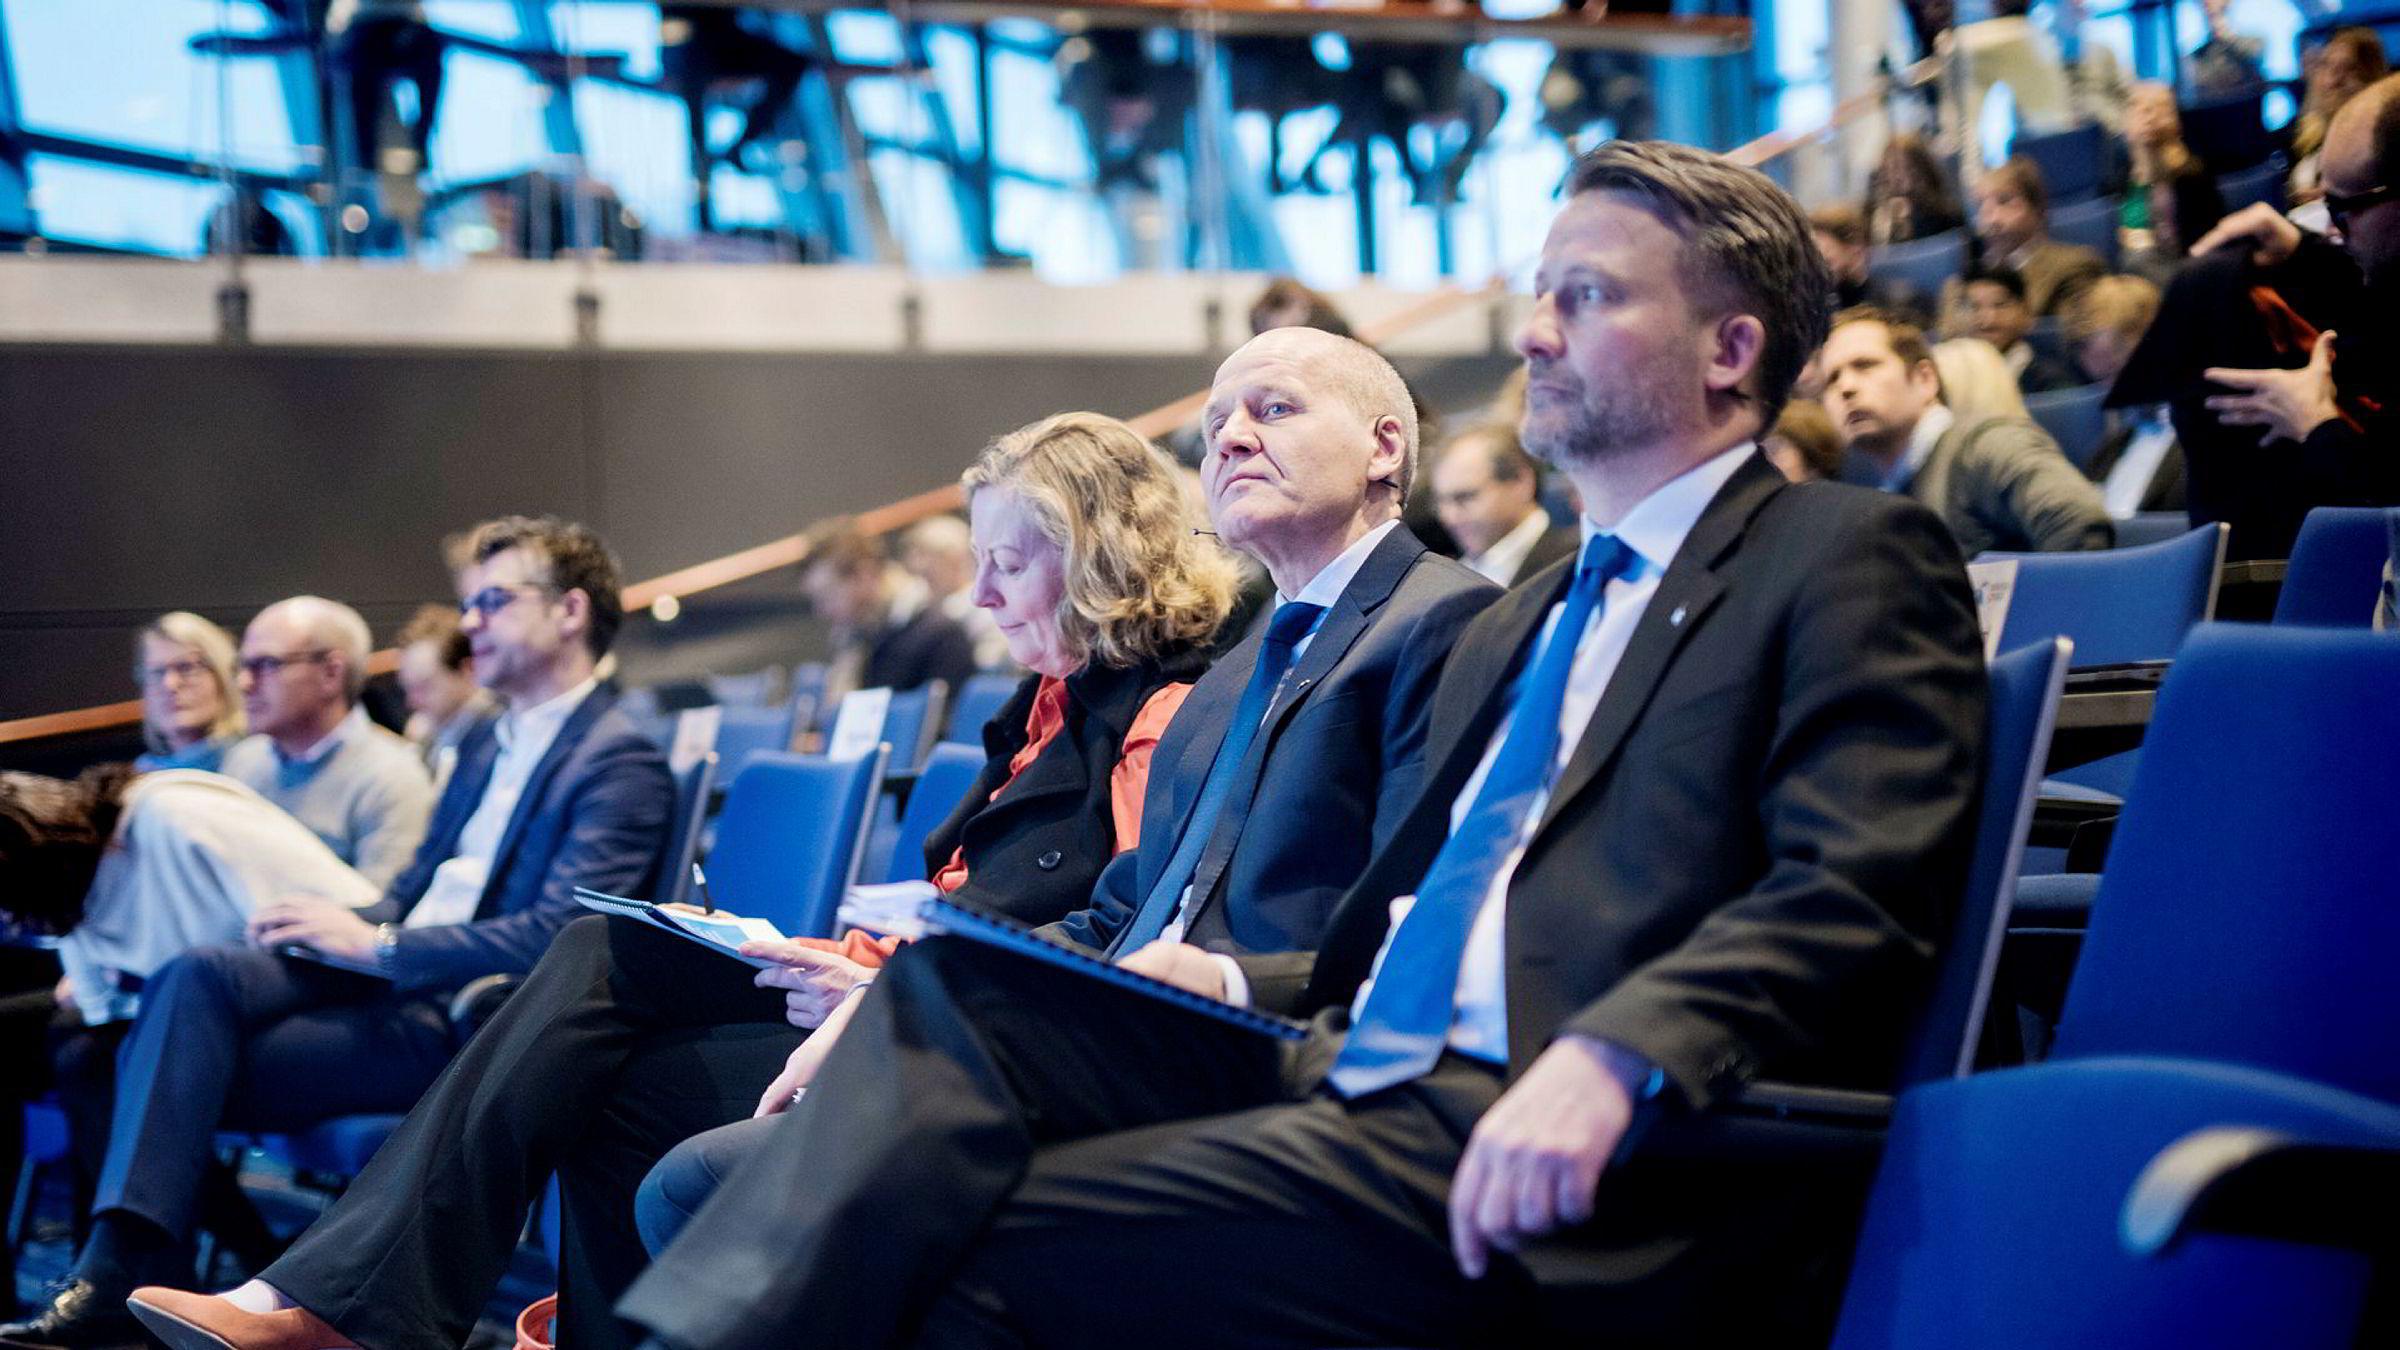 Konsernsjef i Telenor, Sigve Brekke, presenterte selskapets tall onsdag morgen. Ved siden av ham sitter Telenor Norge-sjef Berit Svendsen og finansdirektør Jørgen Rostrup.